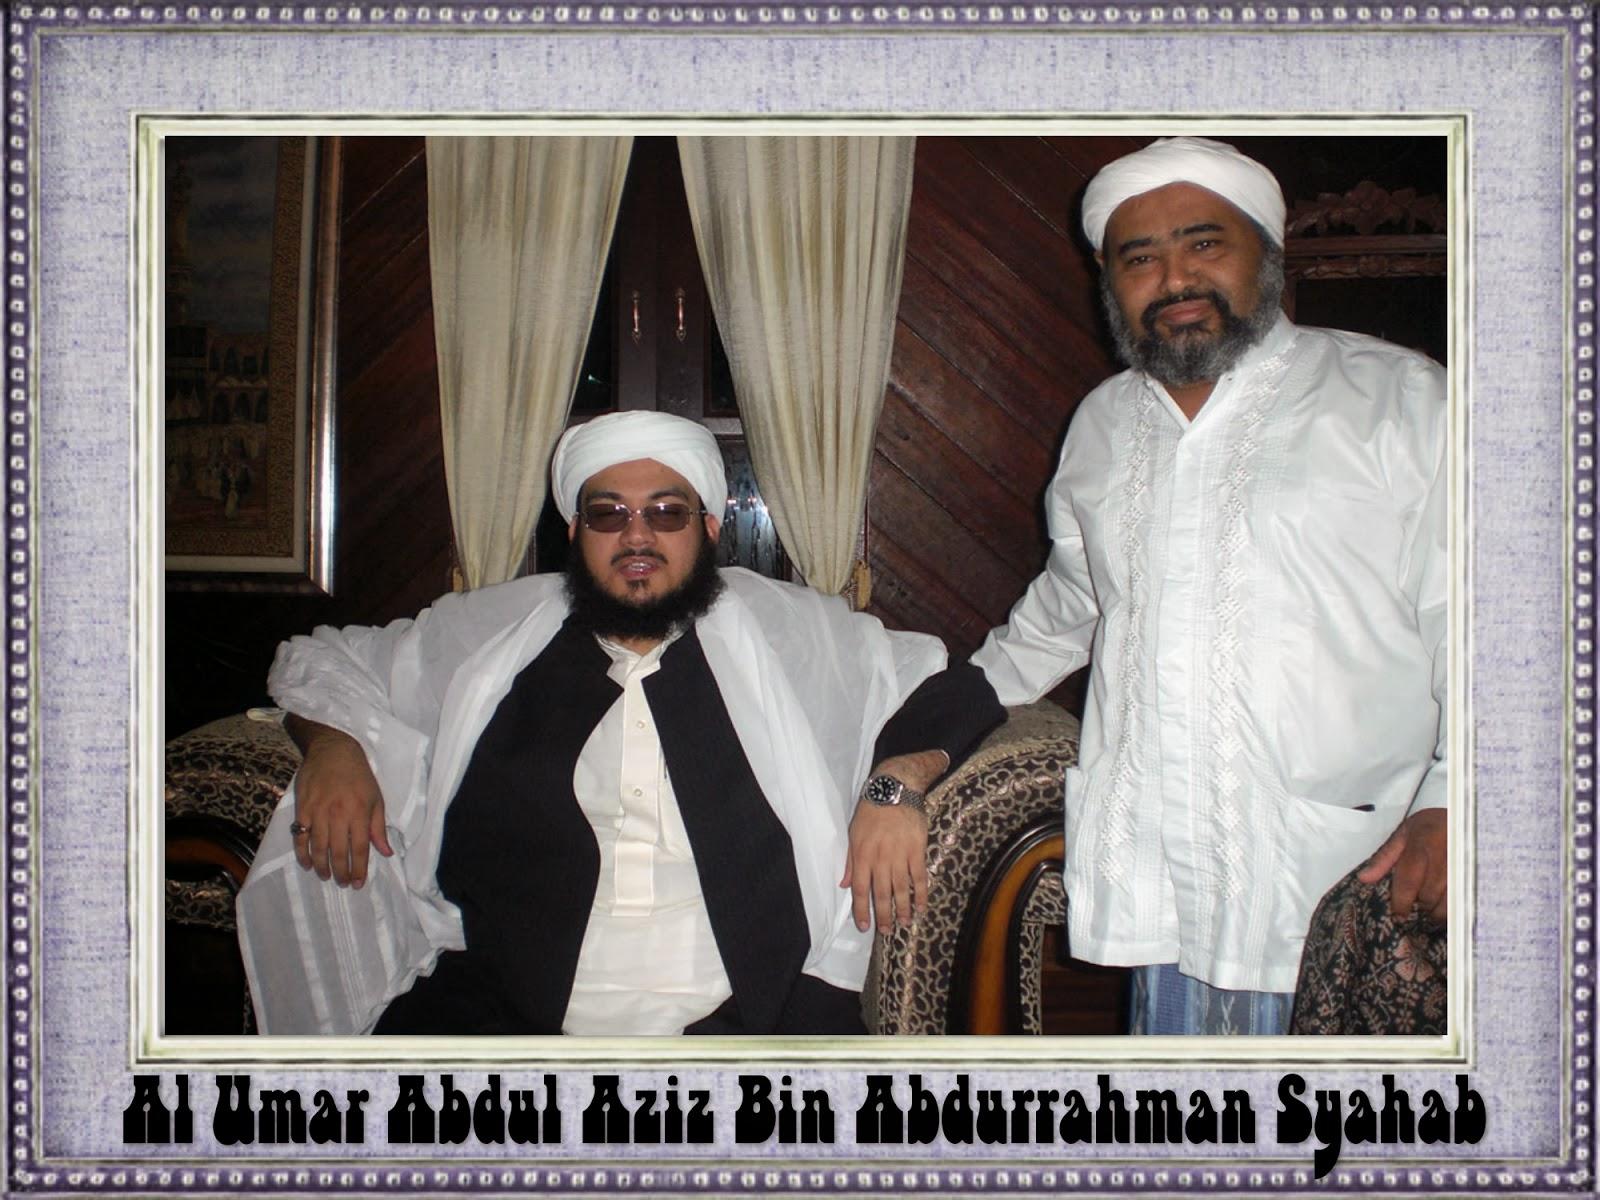 Kisah Teladan Islami 10 30 13